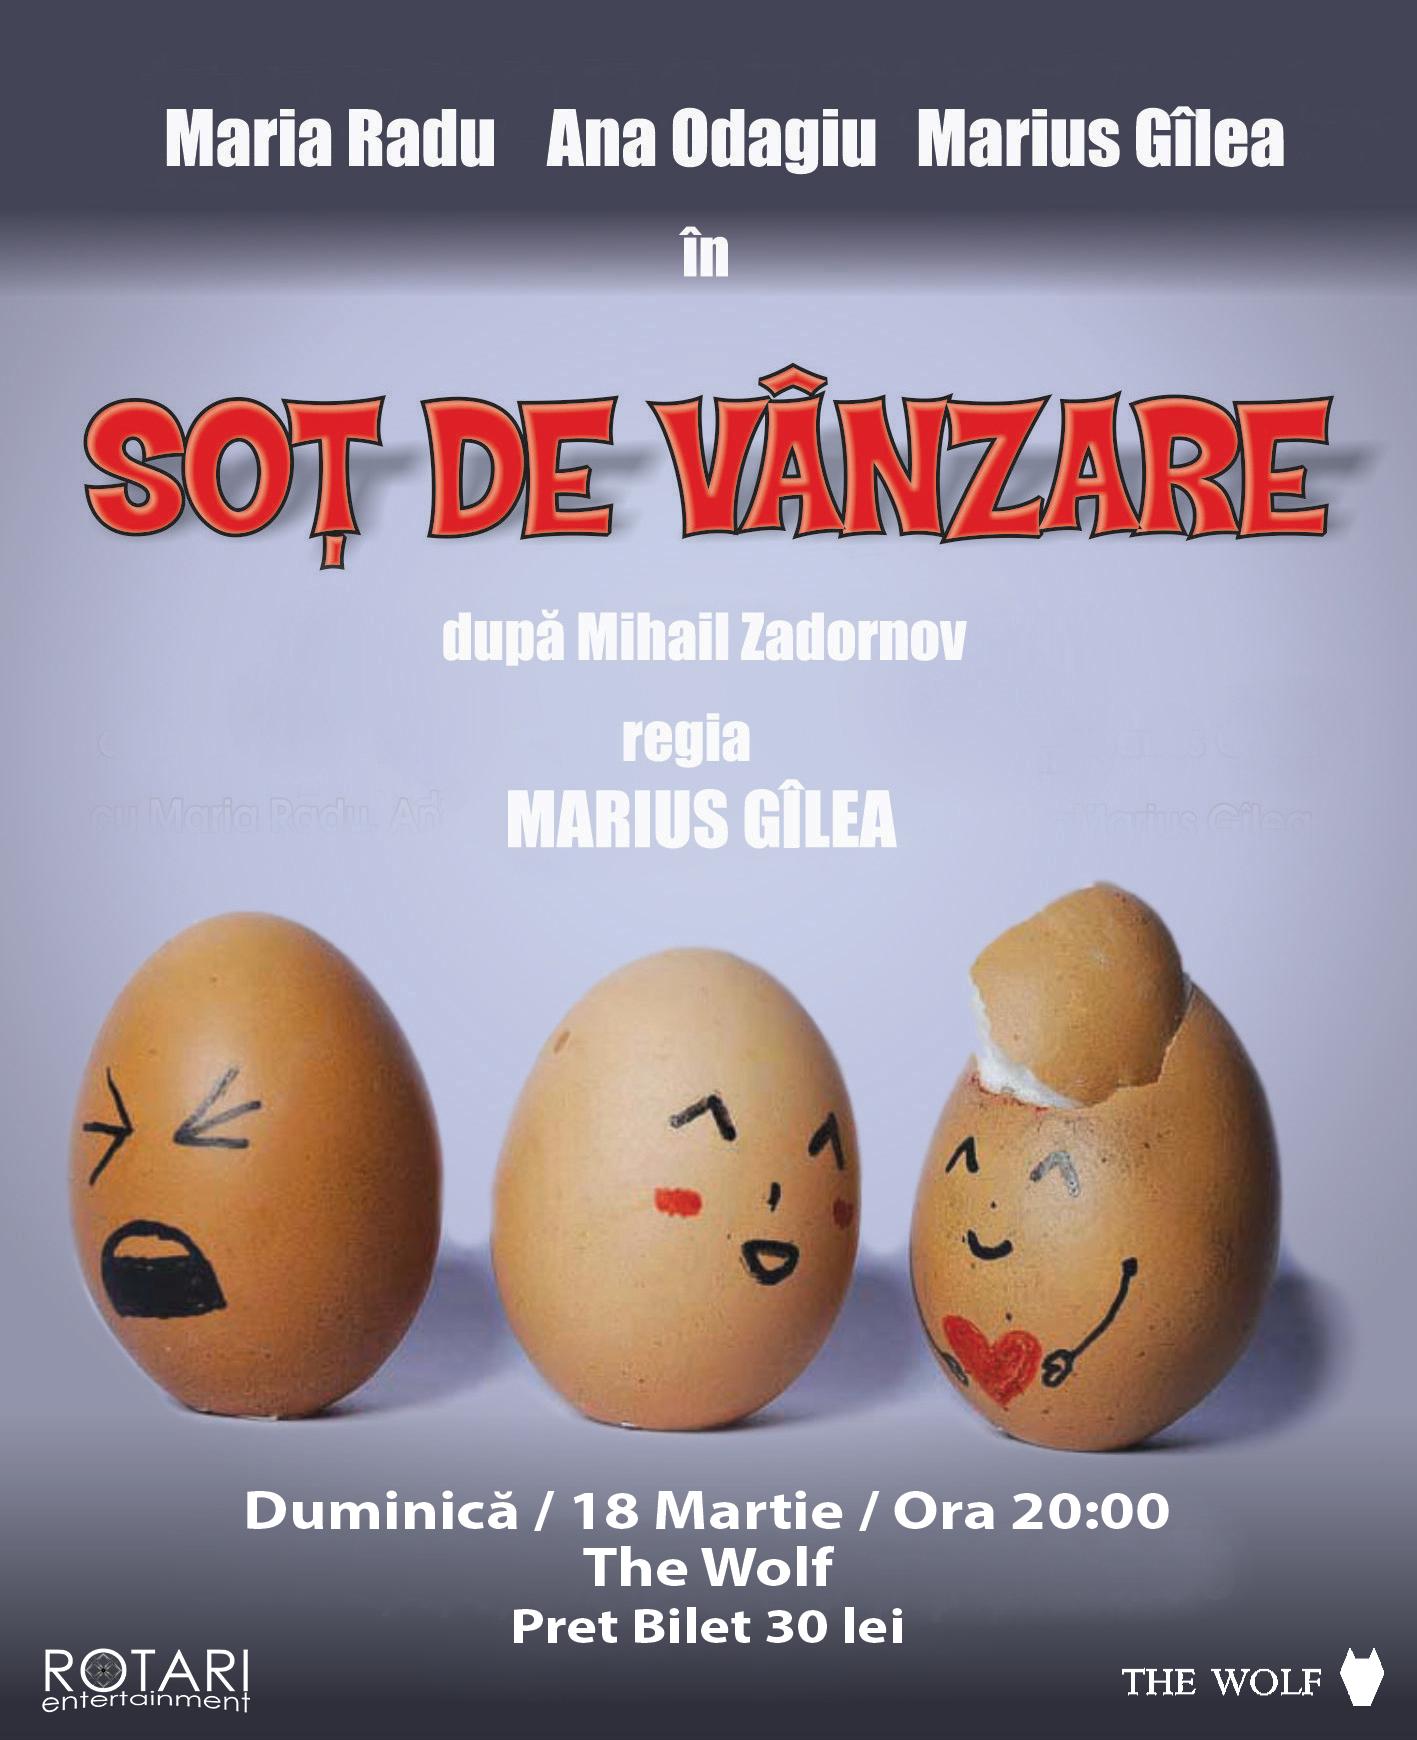 Piesa de Teatru Soț de vânzare în regia lui Marius Gîlea, cu Ana Odagiu, Marius Gîlea și Maria Radu, la The Wolf Pub Sibiu